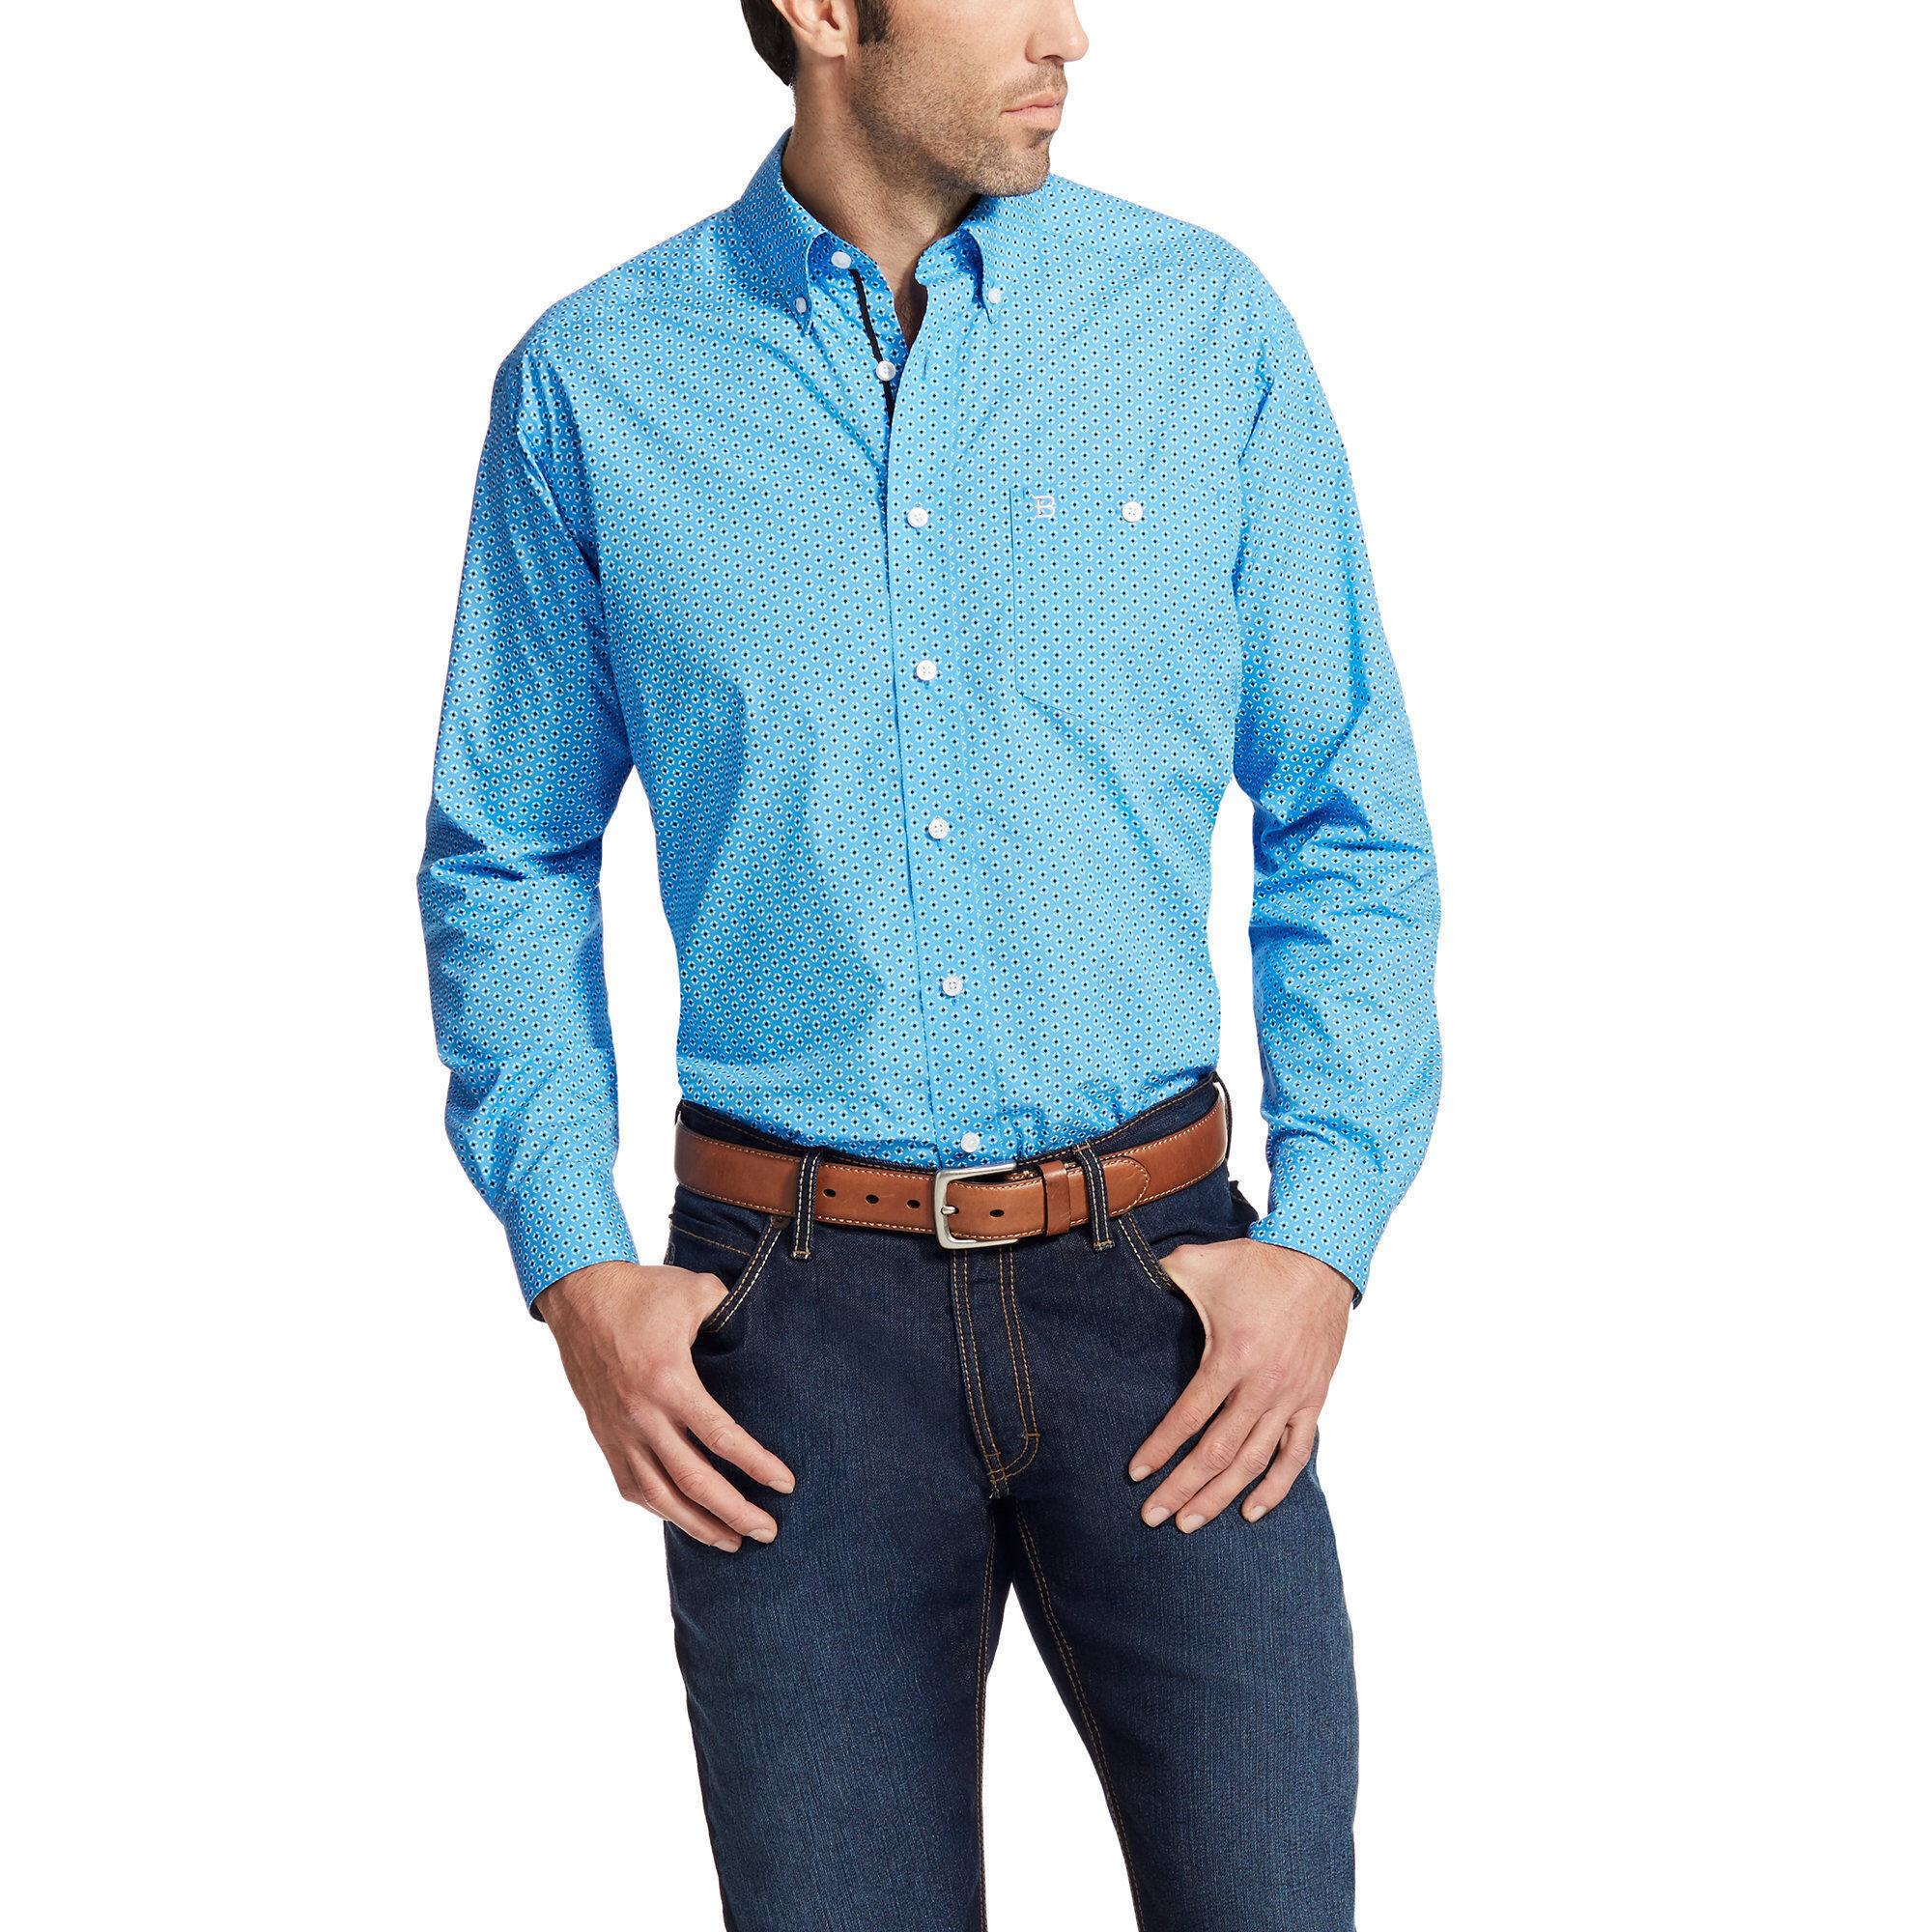 Relentless Driven Shirt